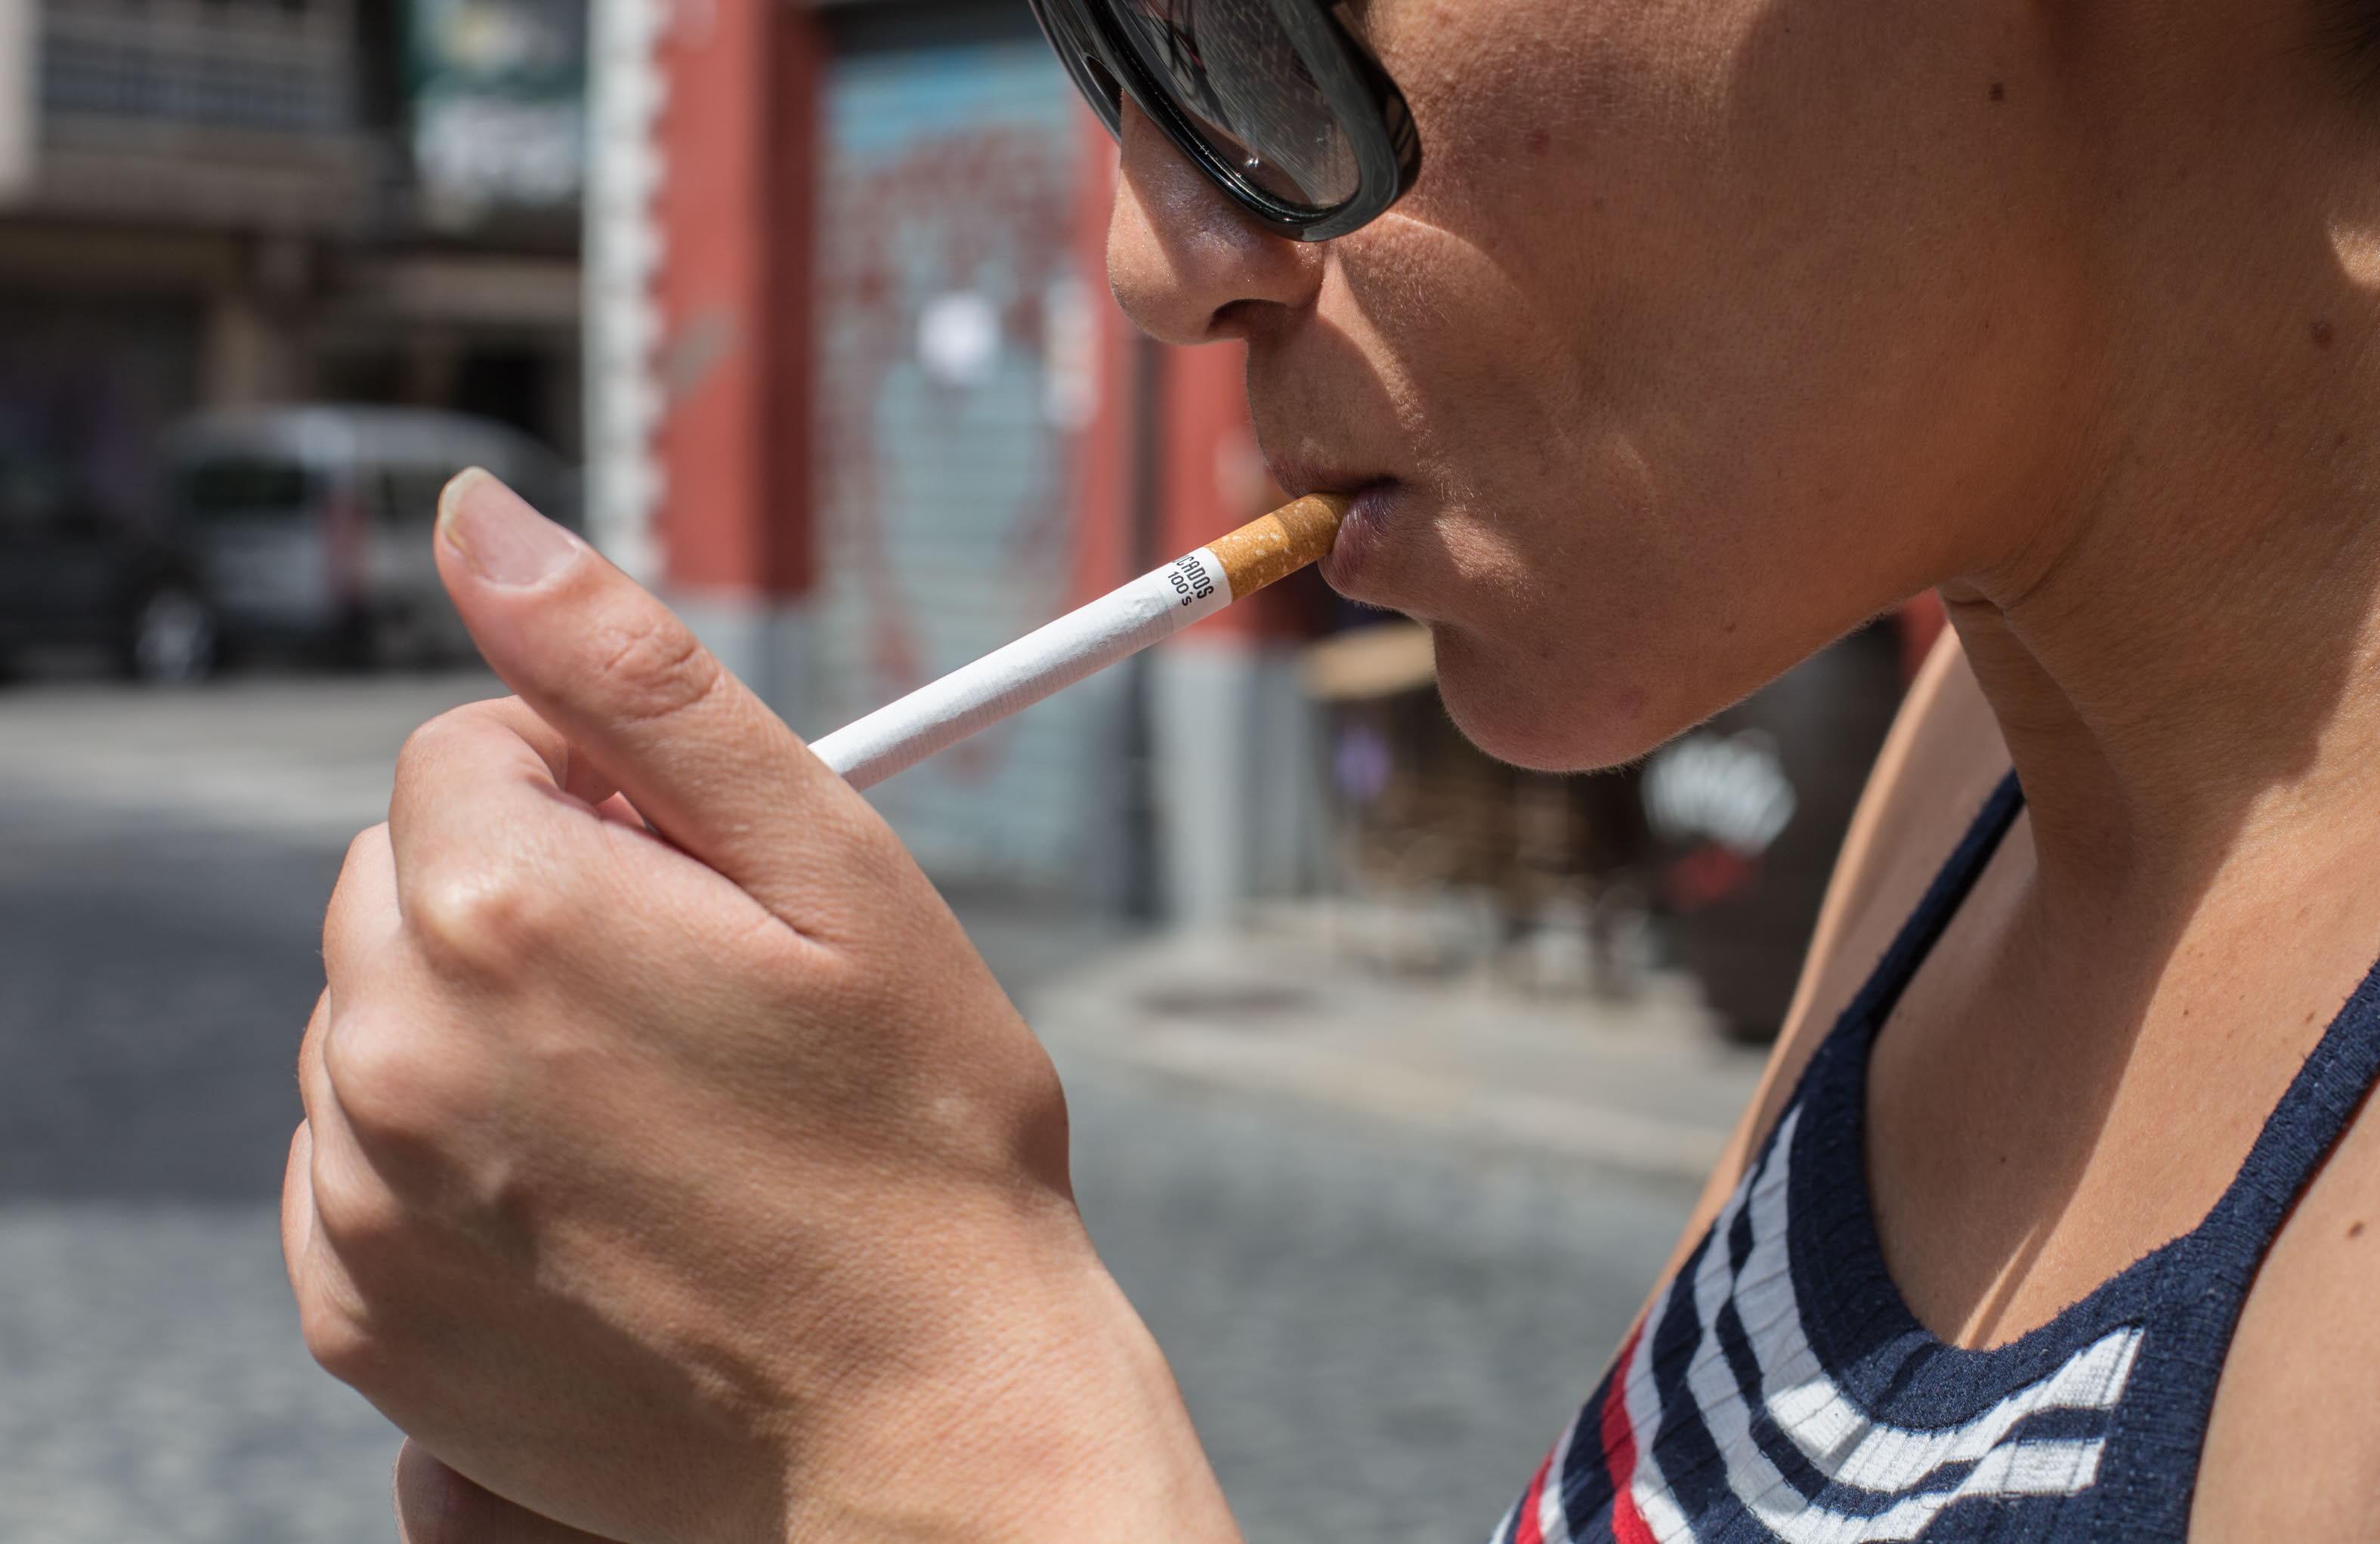 Una campaña intenta prevenir el cáncer oral, que se detecta tarde en el 75% de los casos